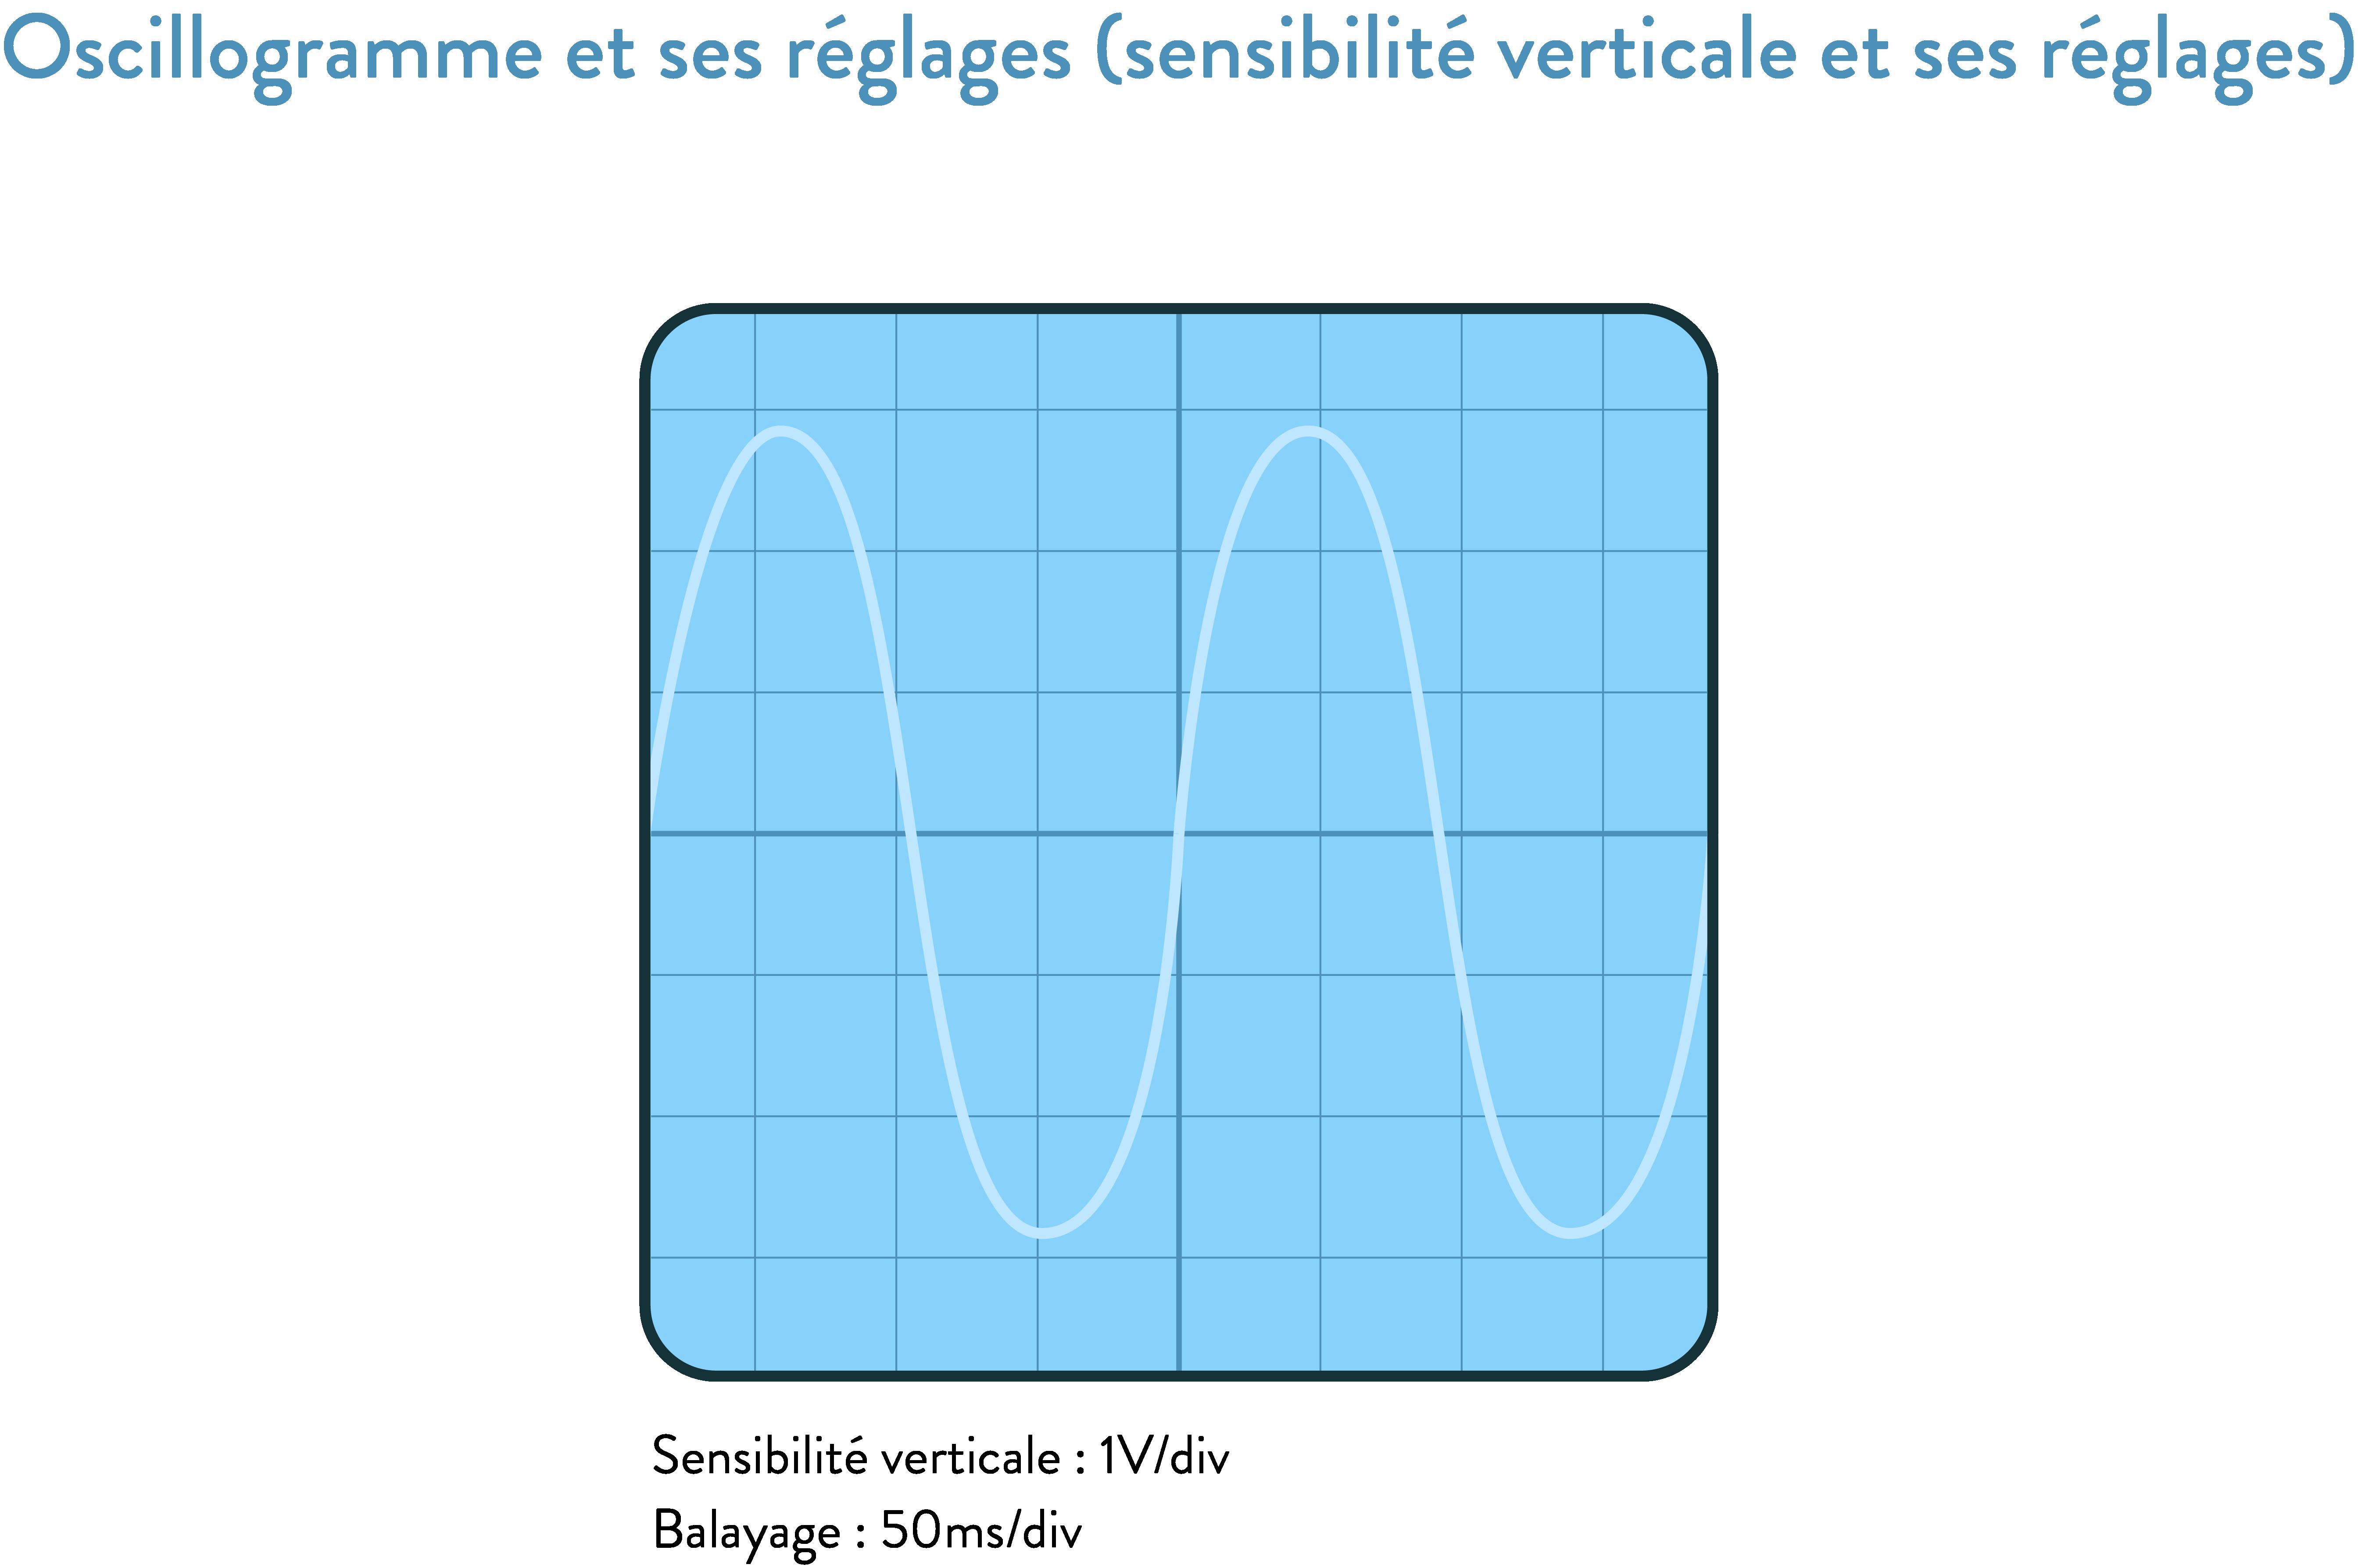 Oscillogramme et ses réglages (sensibilité verticale et balayage) 2nde